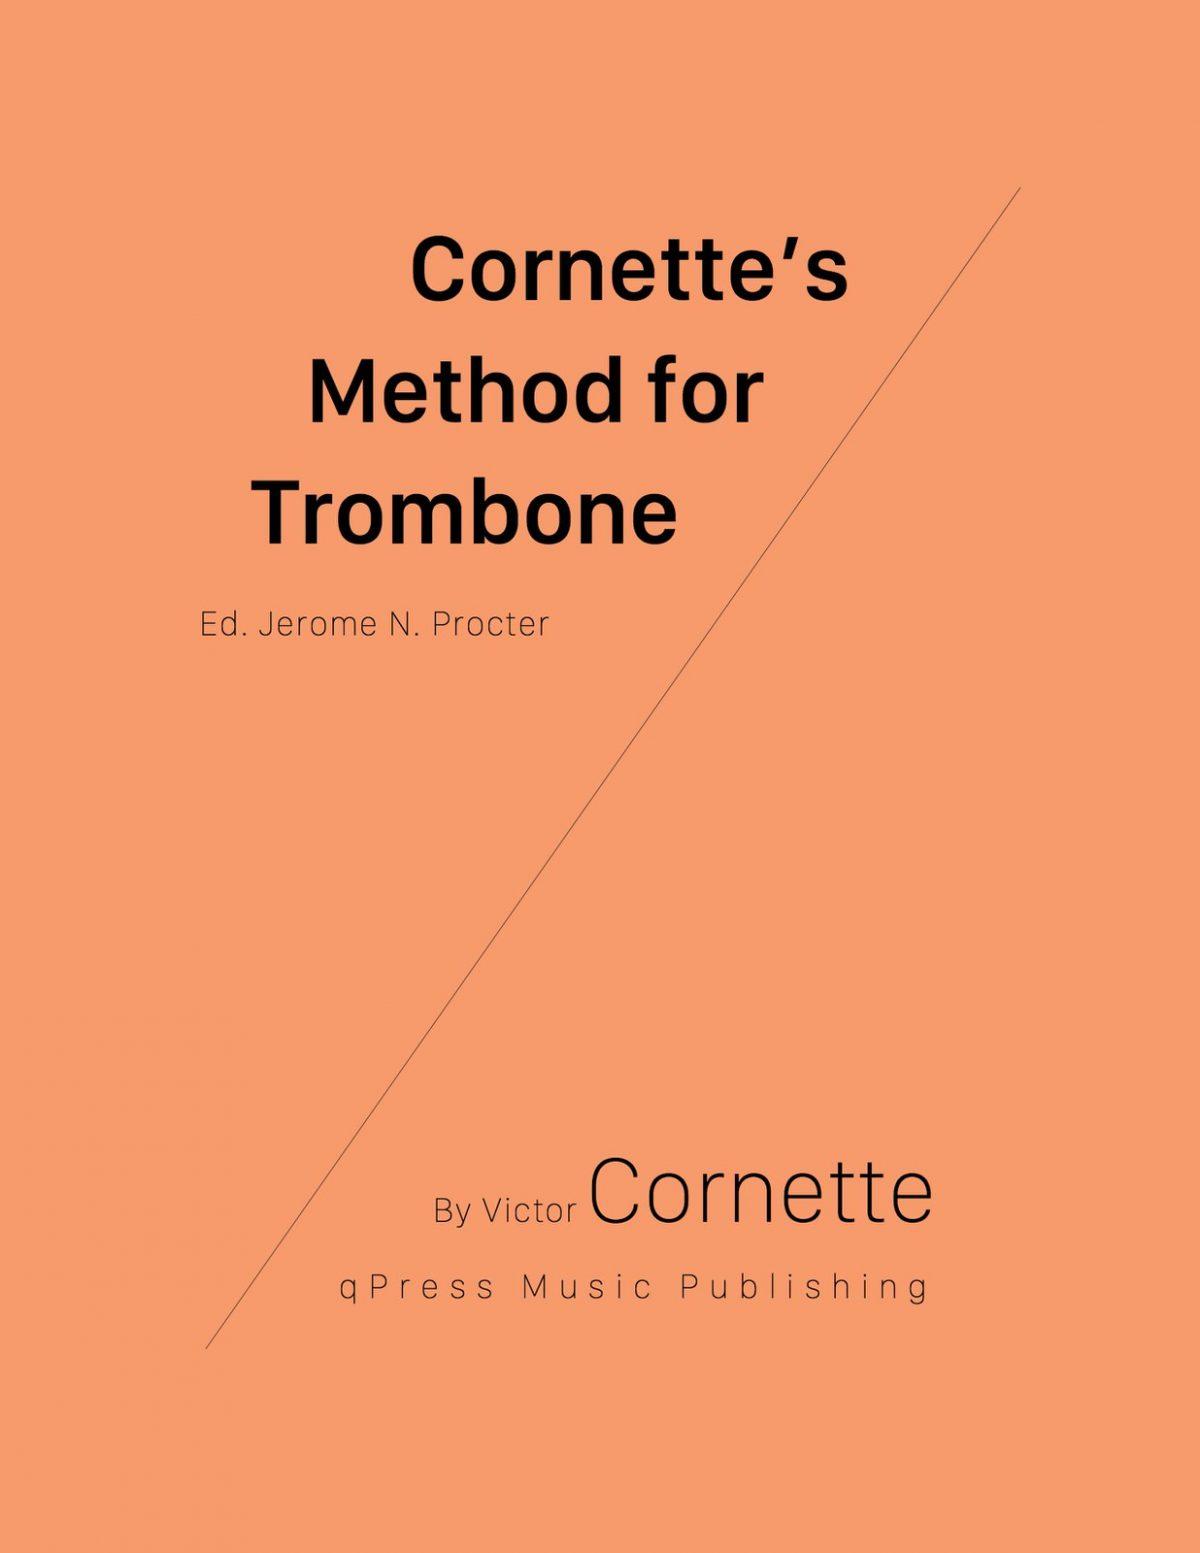 cornette Procter new cover-p1